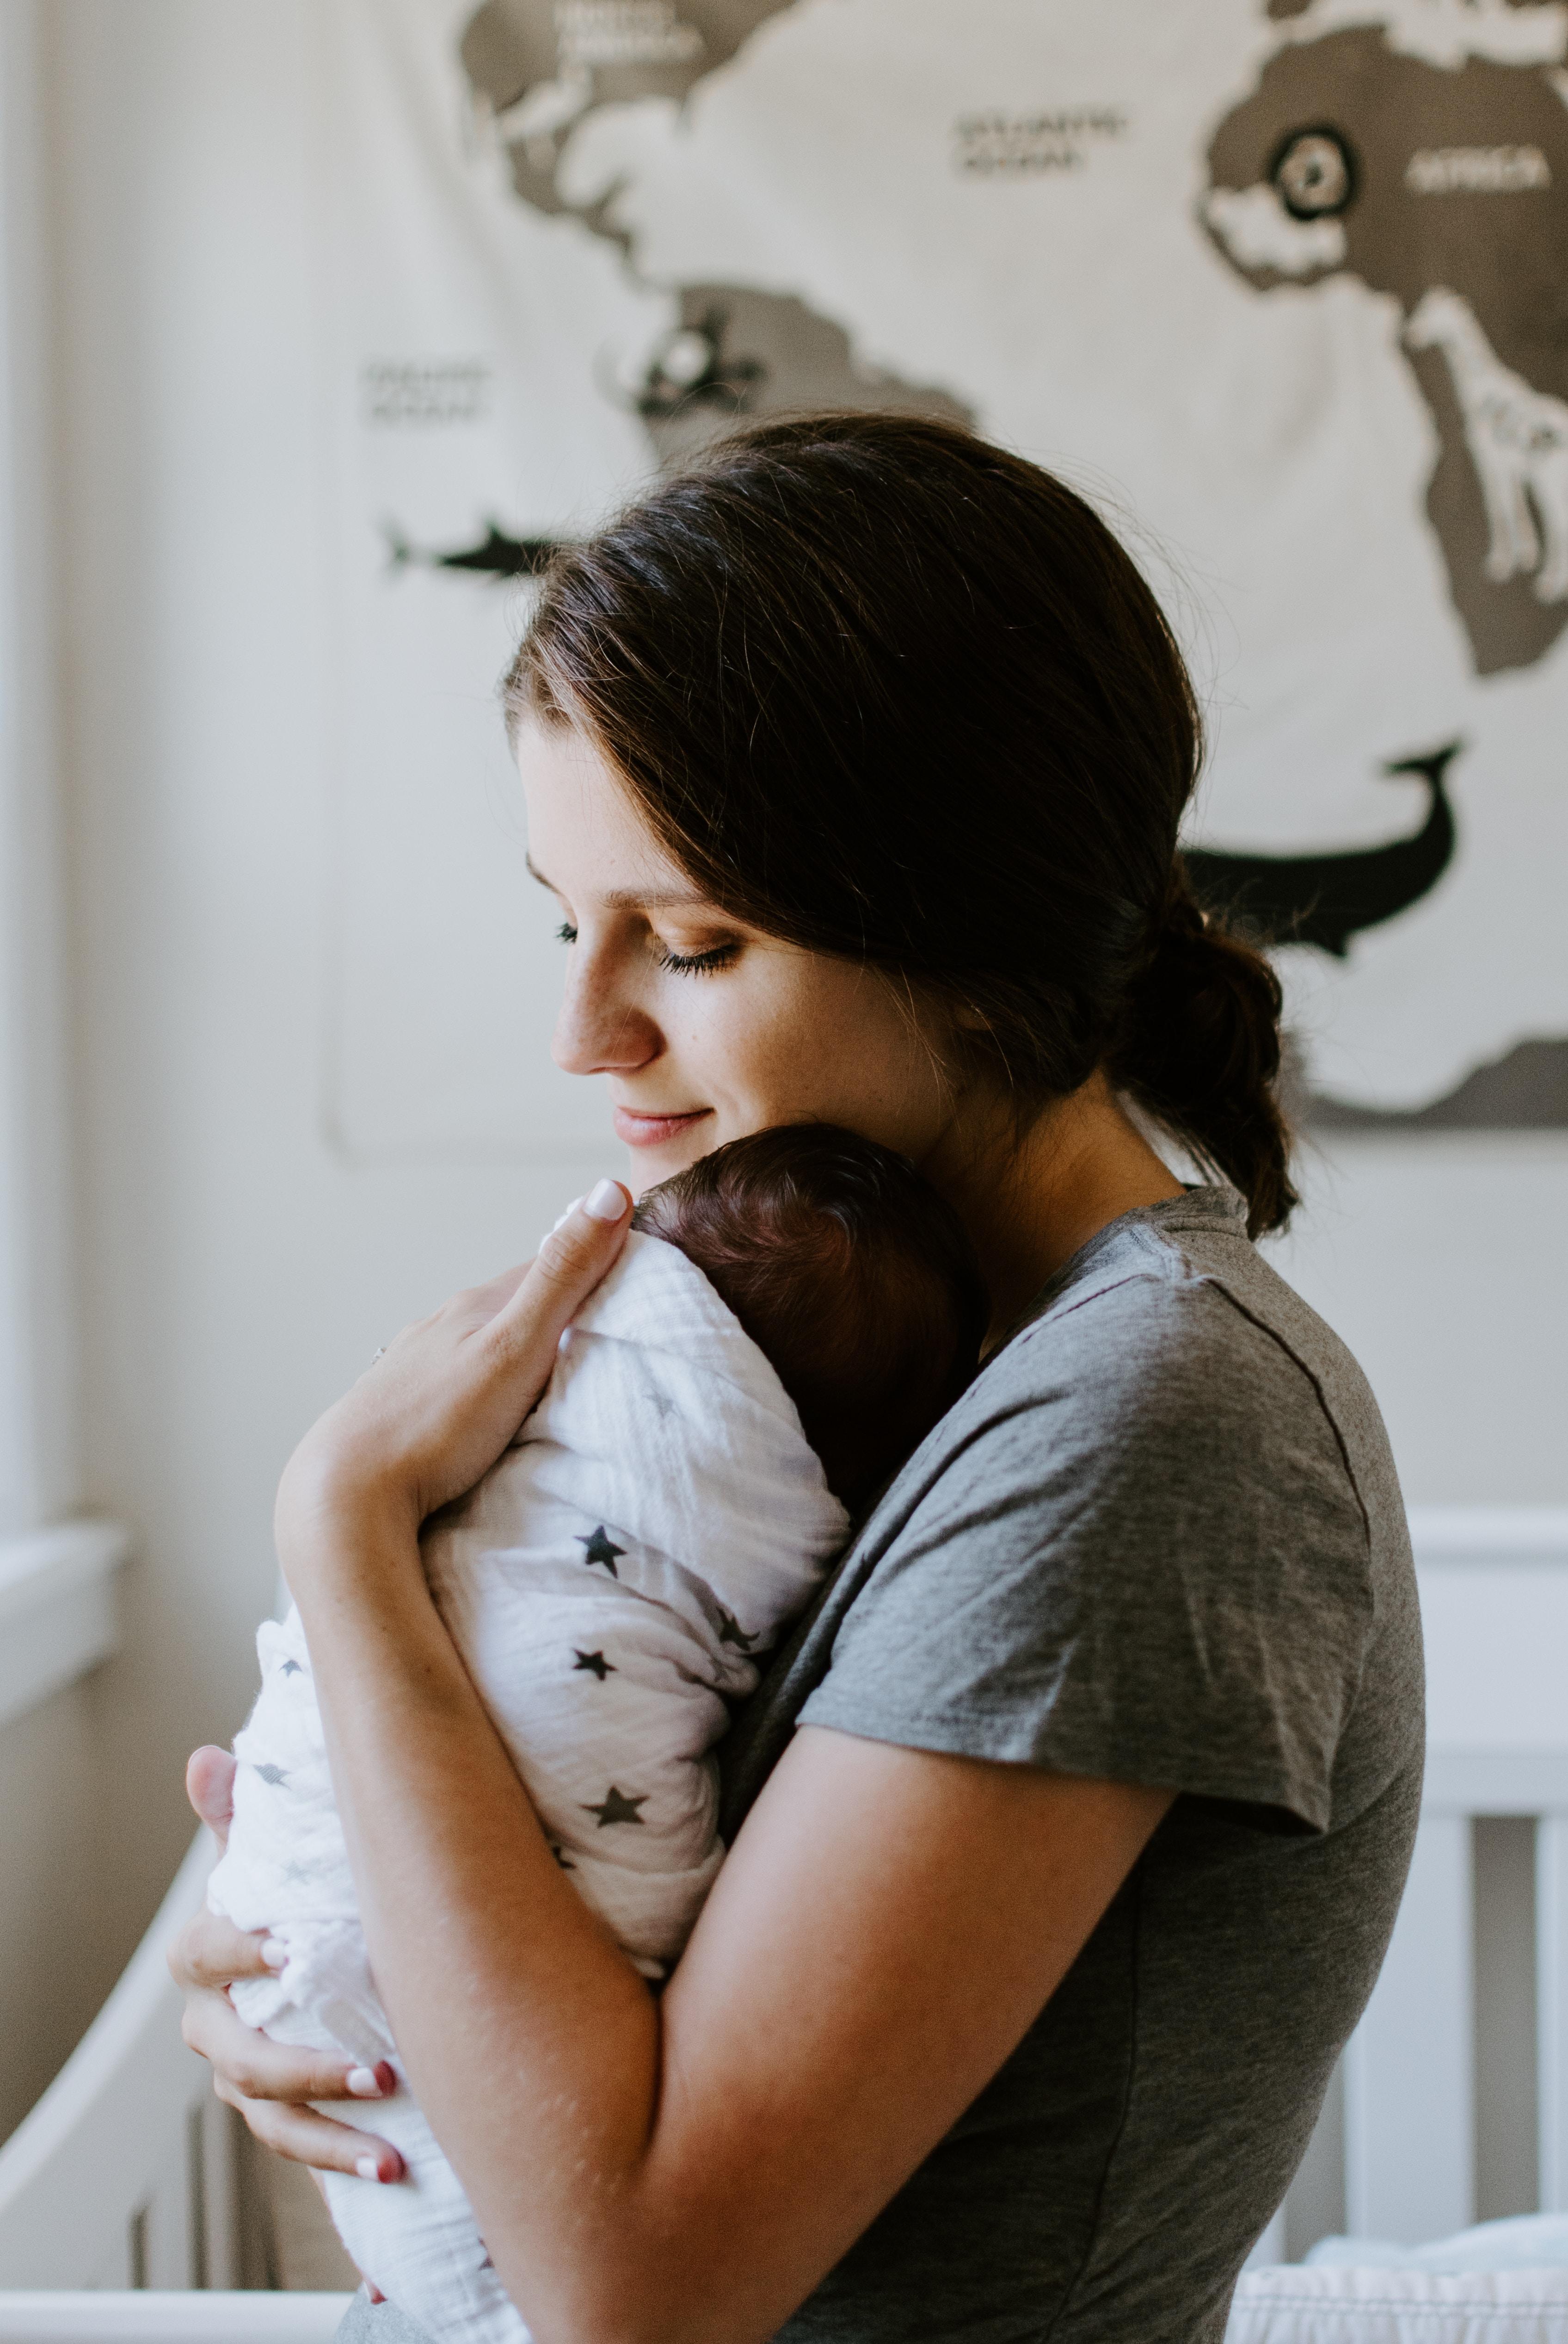 Stijladvies voor Moeders! Tips voor het eerste jaar!